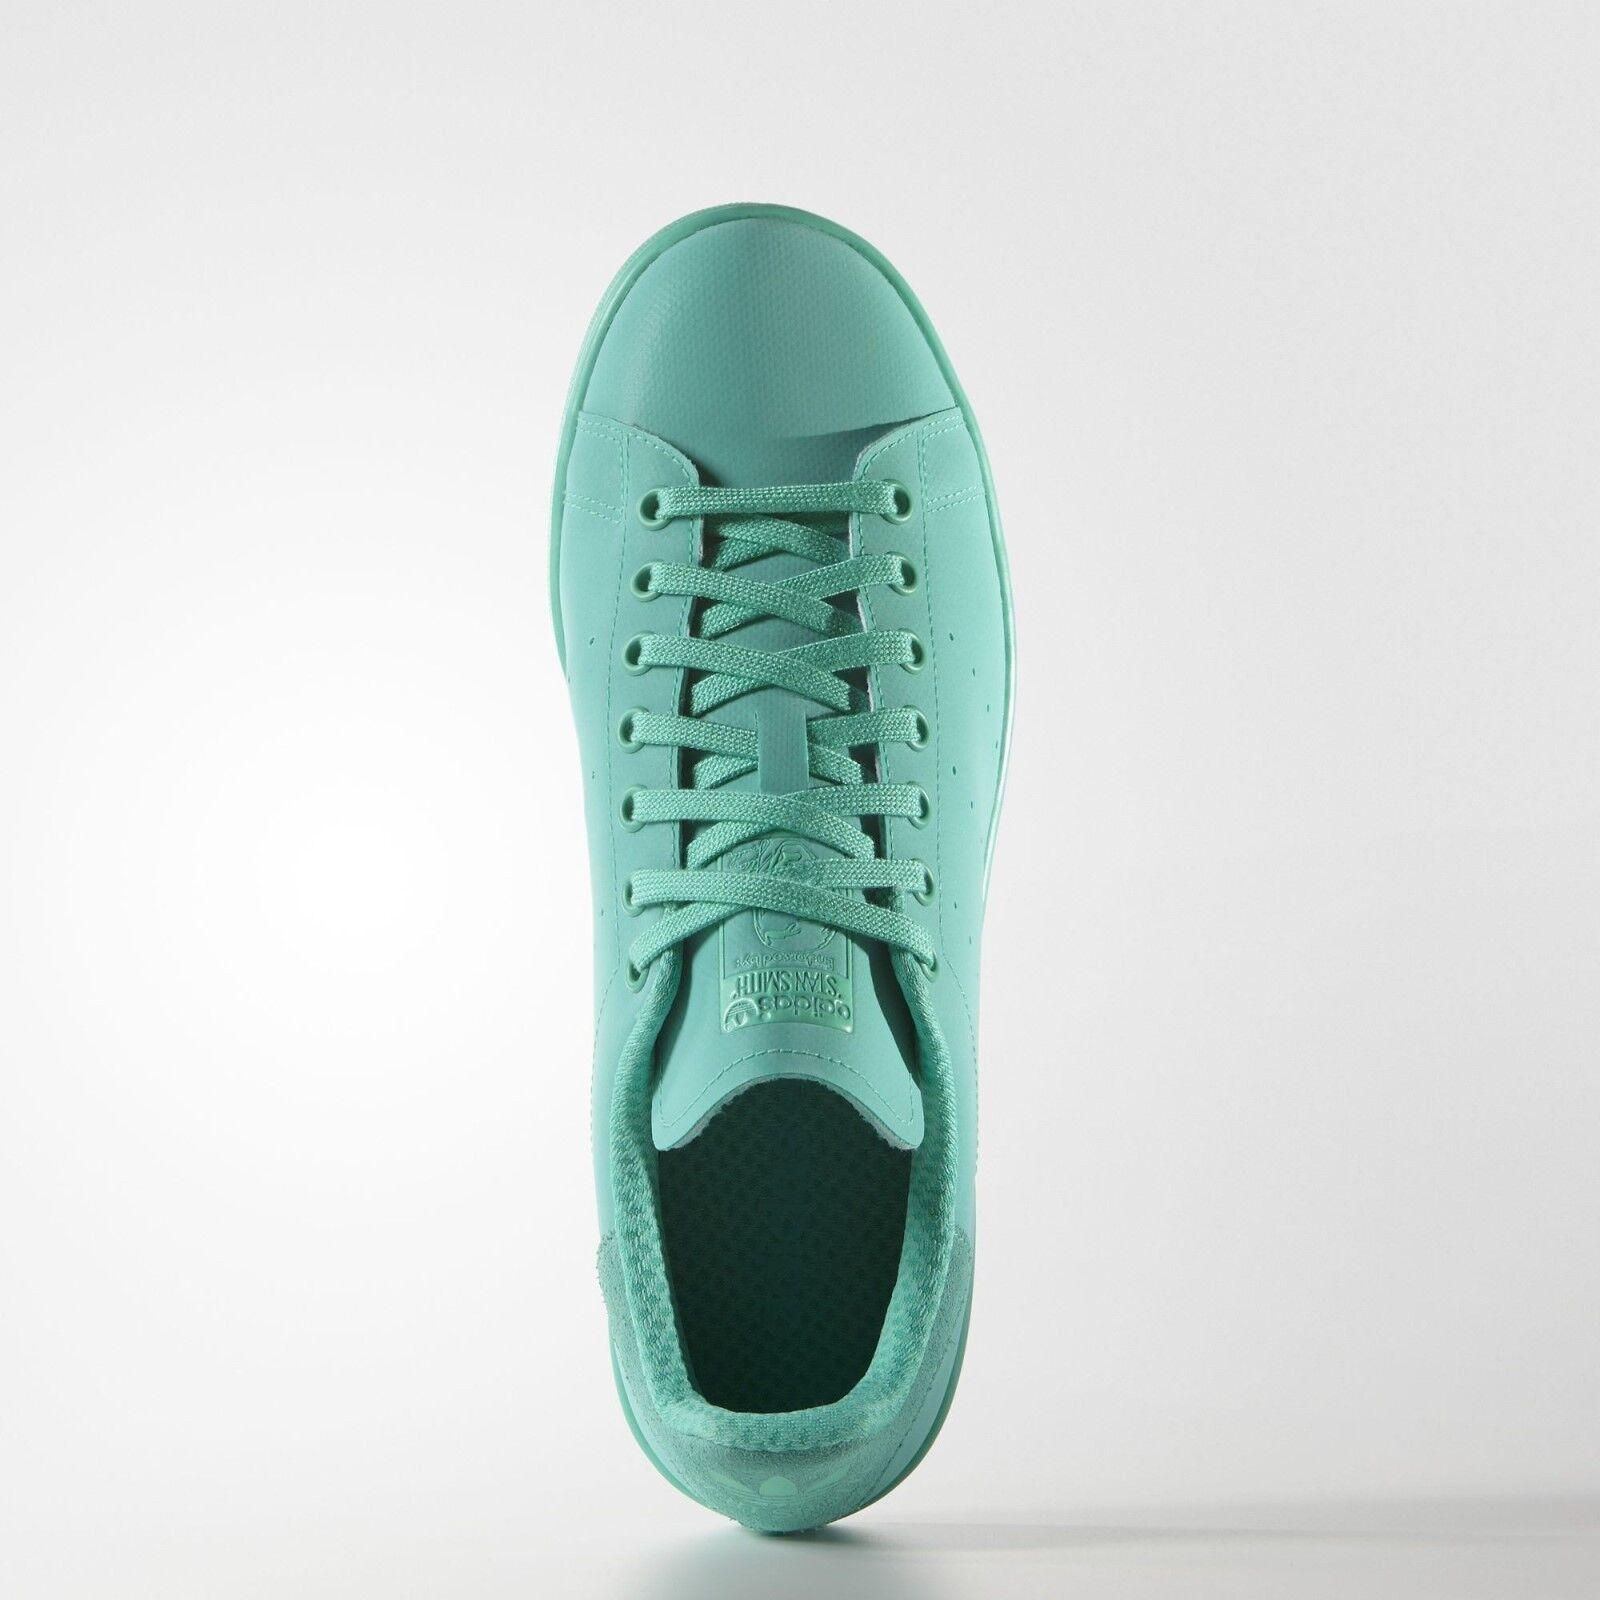 Adidas originali stan smith scarpe mint da uomo s80250 shock mint scarpe colore acf1ab